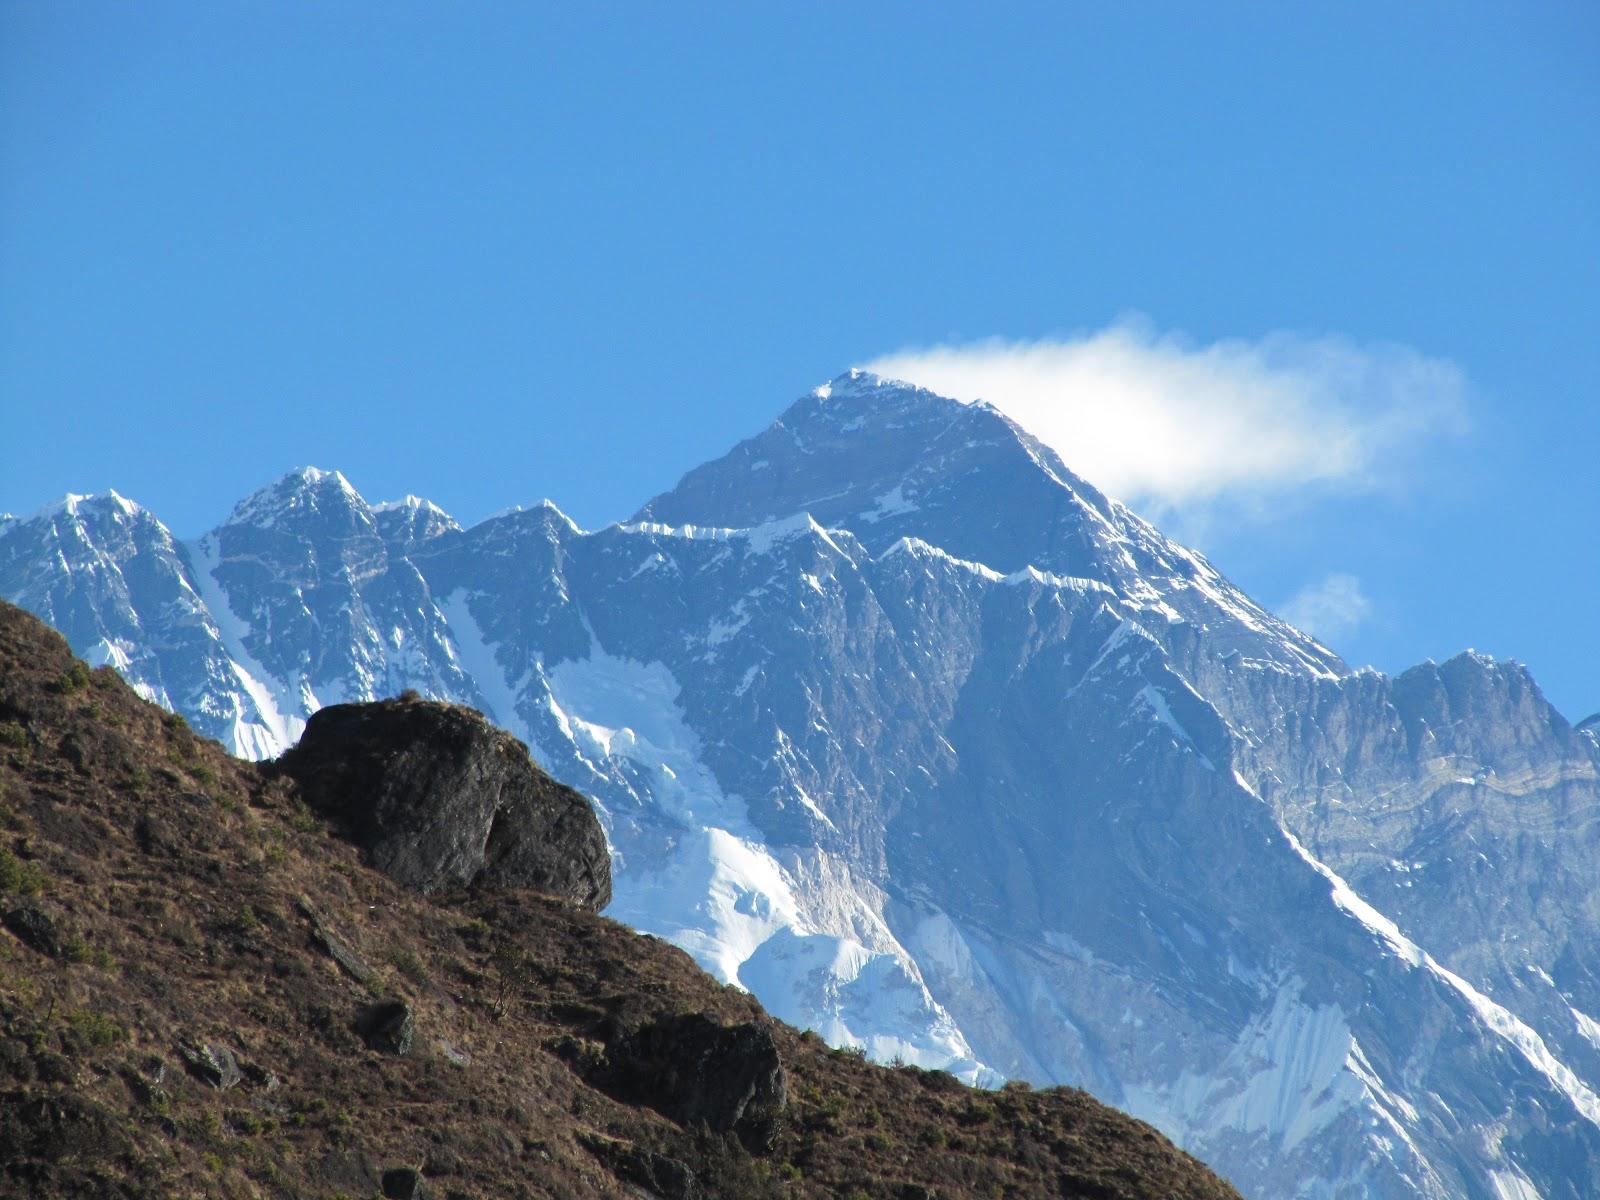 Mount Everest Rainbow Valley Mt everest from namche bazar.